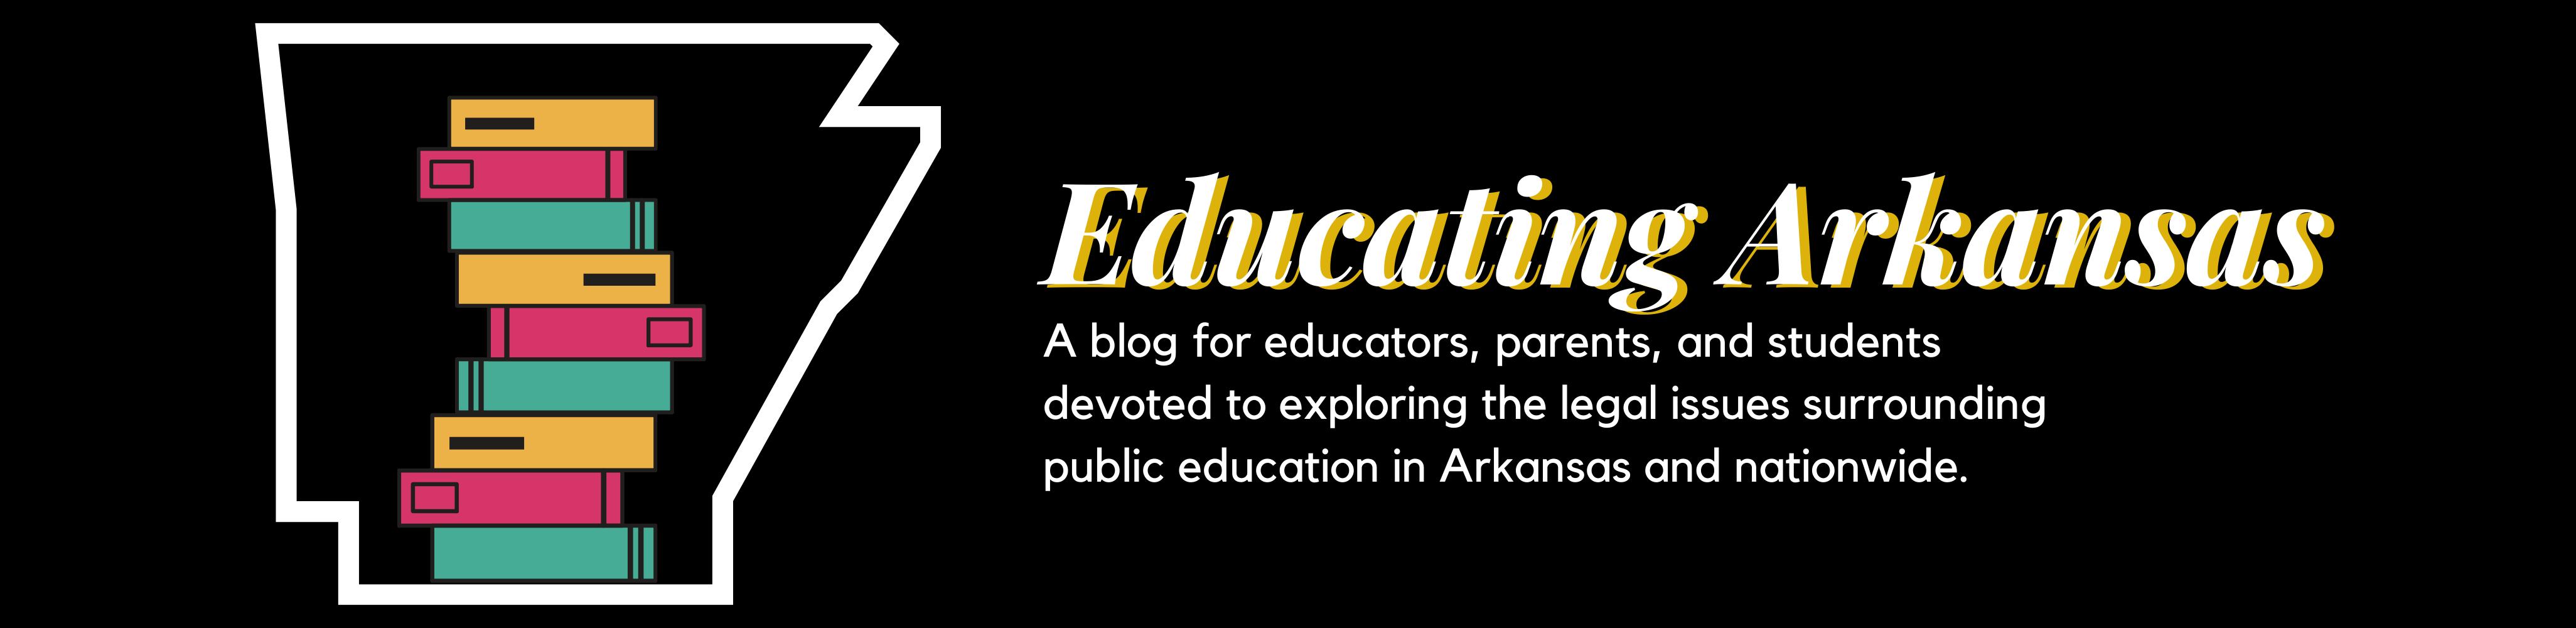 Educating Arkansas